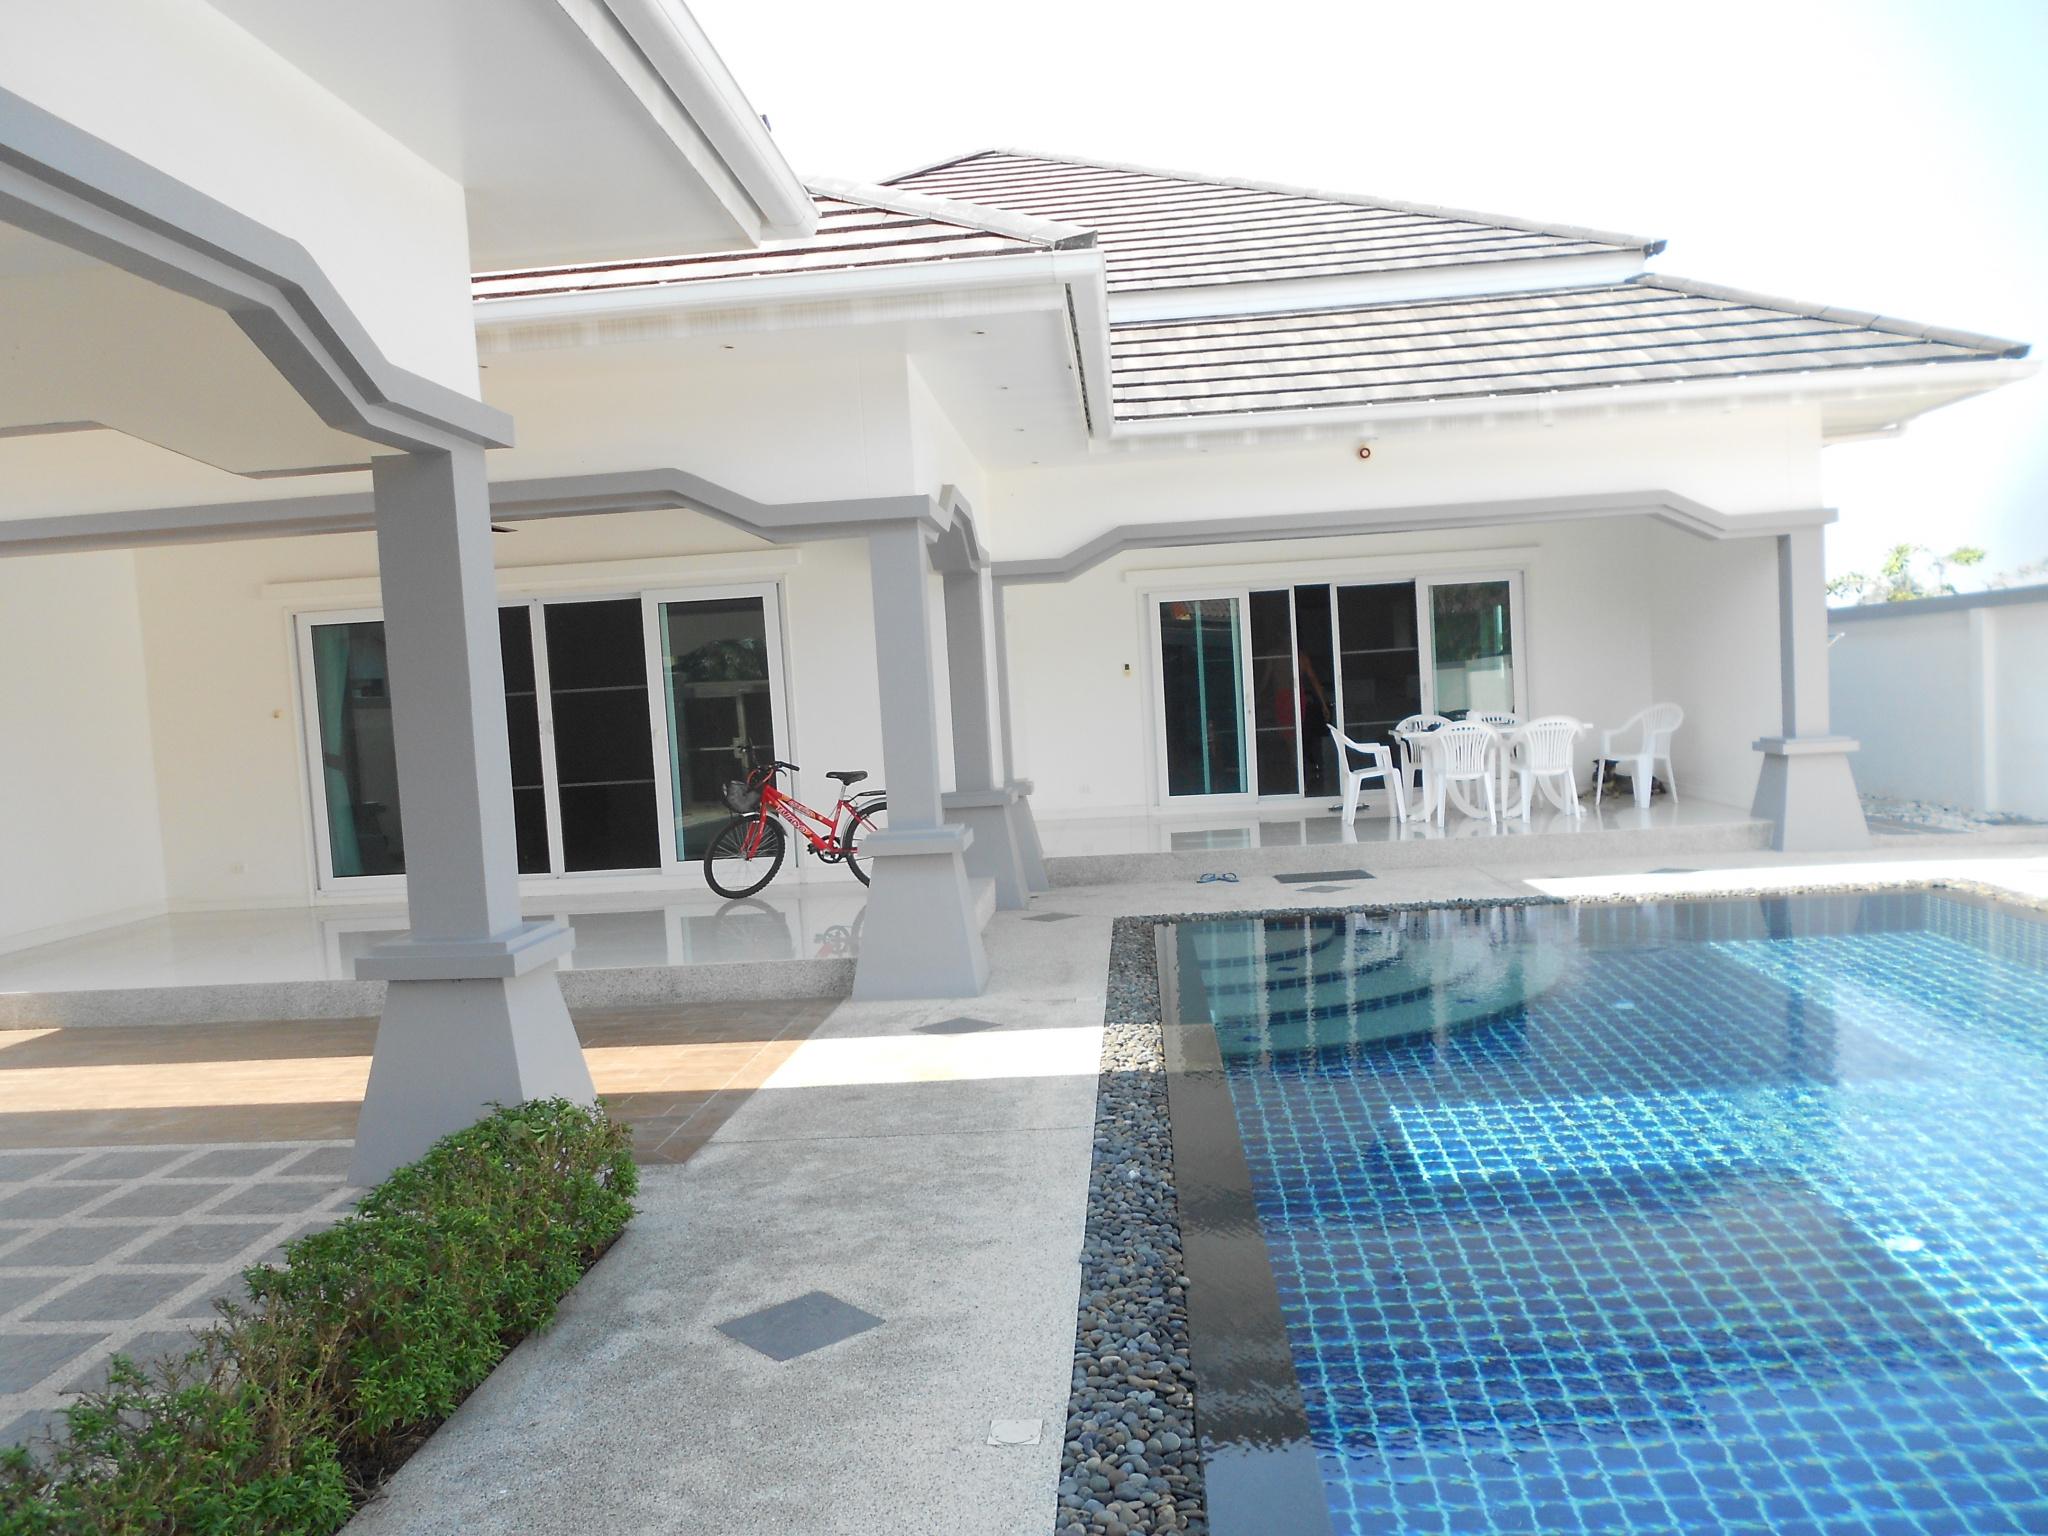 Villa for sale in Pattaya, Bang sare